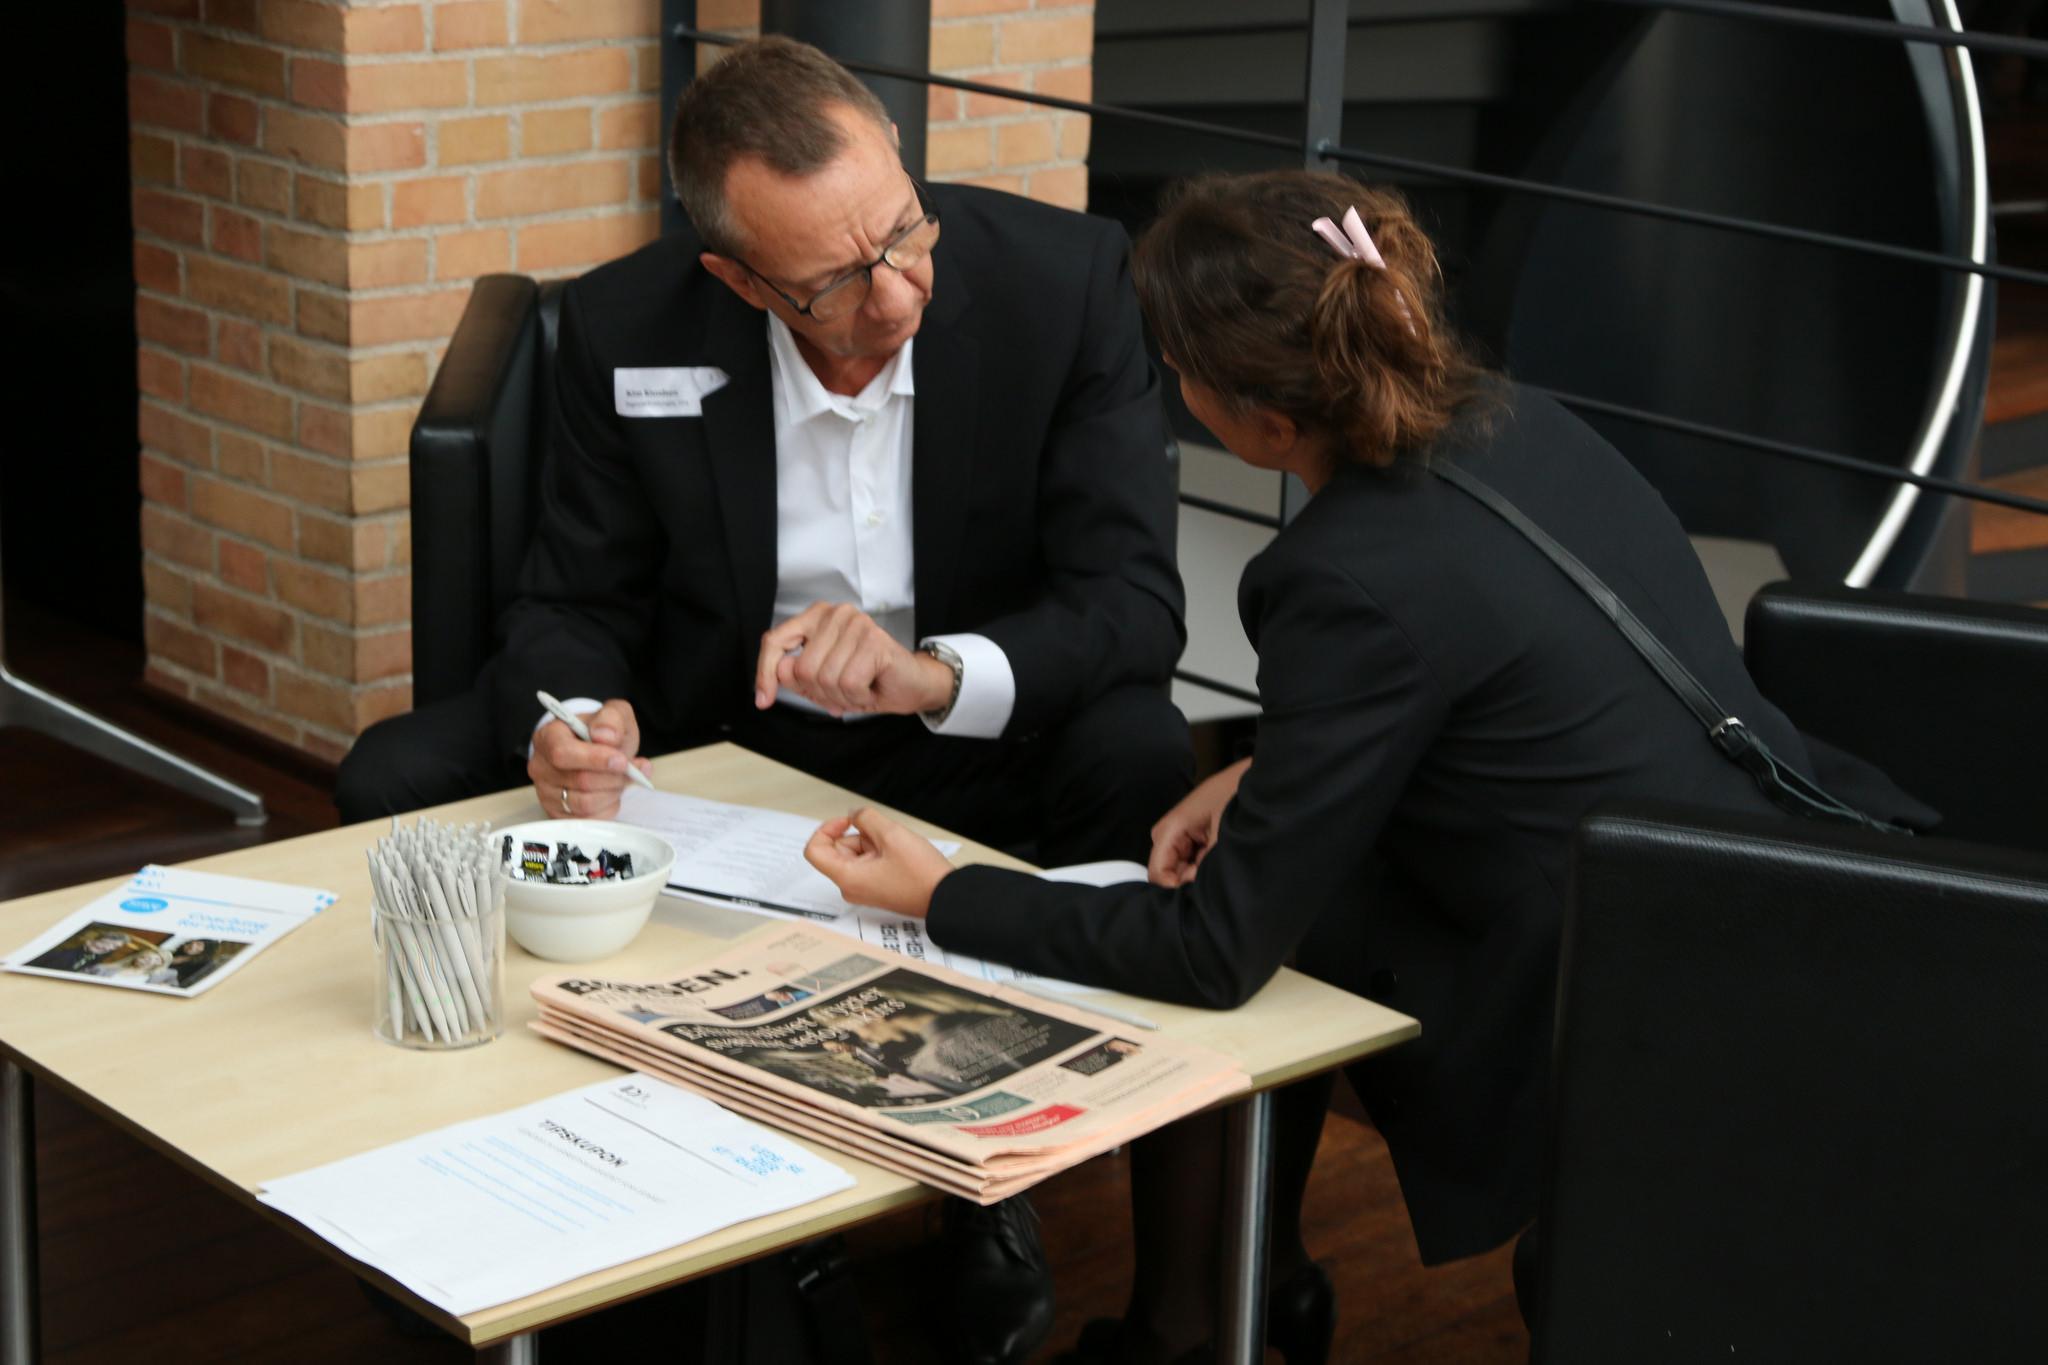 Photo: IDA - The Danish Society of Engineers